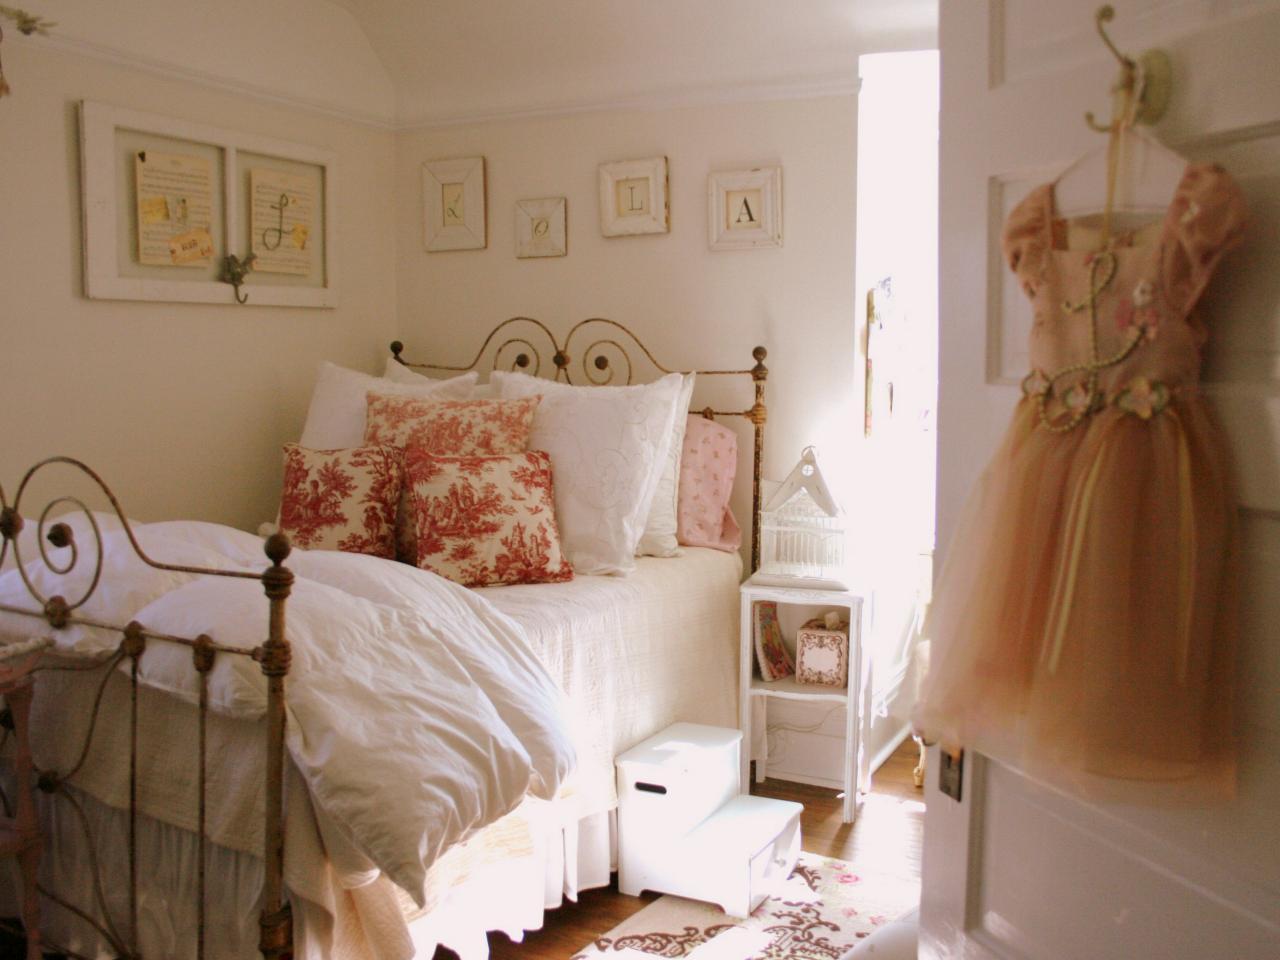 Camere shabby chic: le 15 cose che non devono mancare